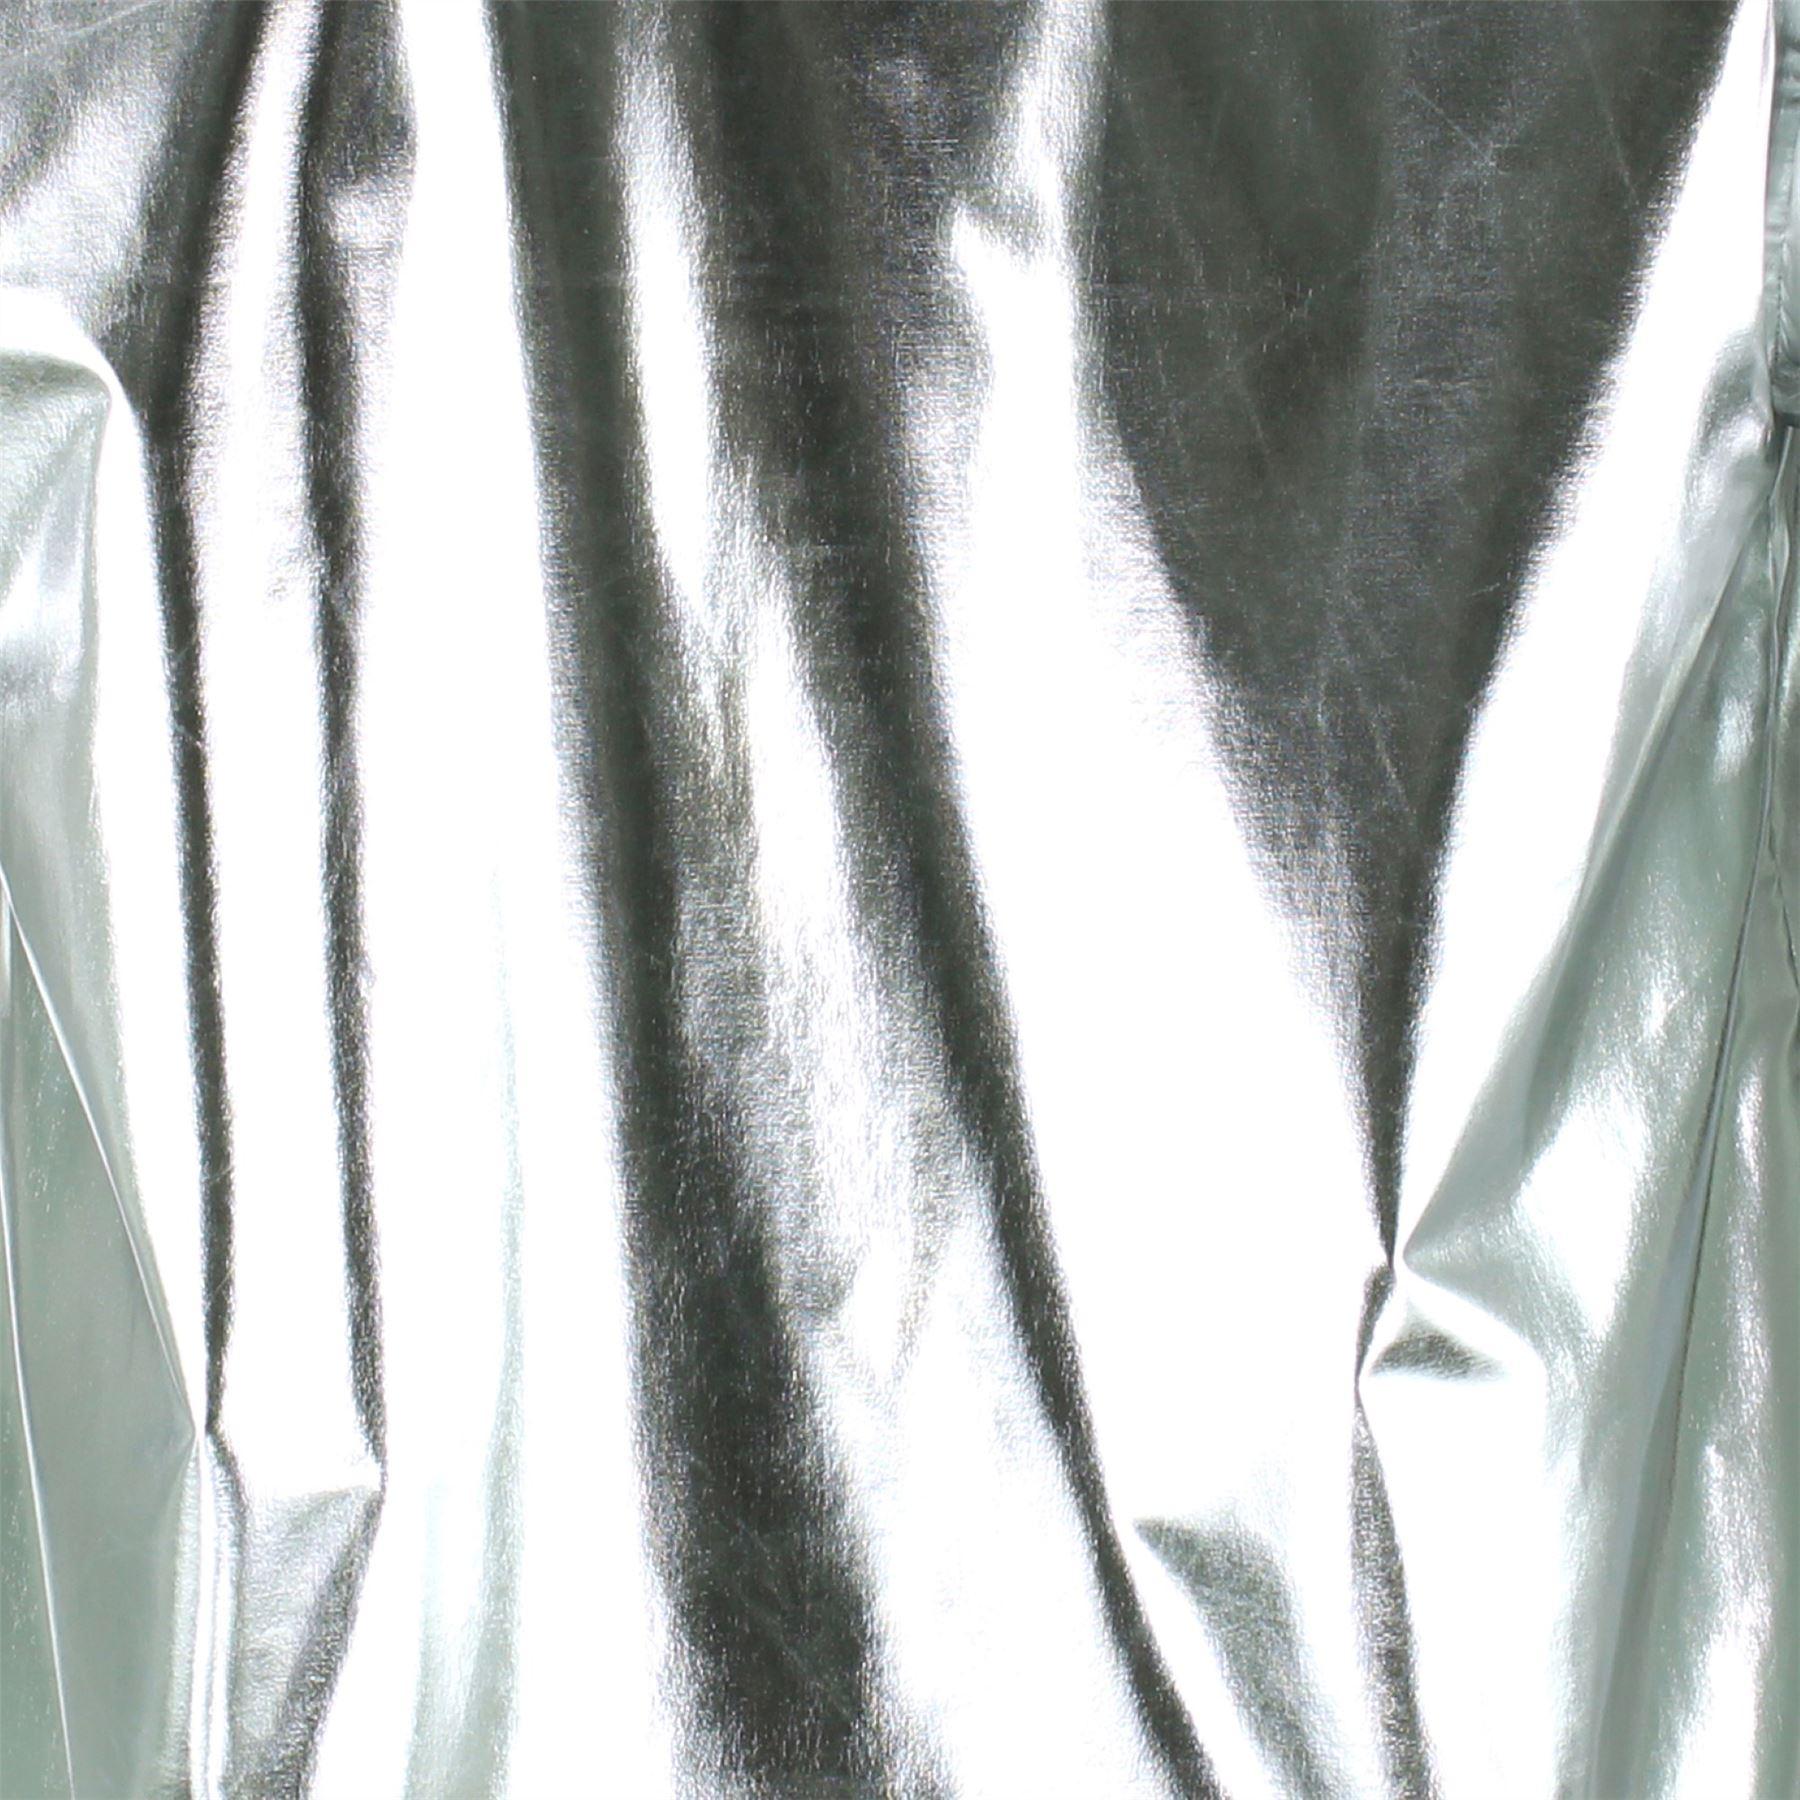 Shiny-Metallic-Blazer-Firefly-Waistcoat-Party-Dressing-up thumbnail 10